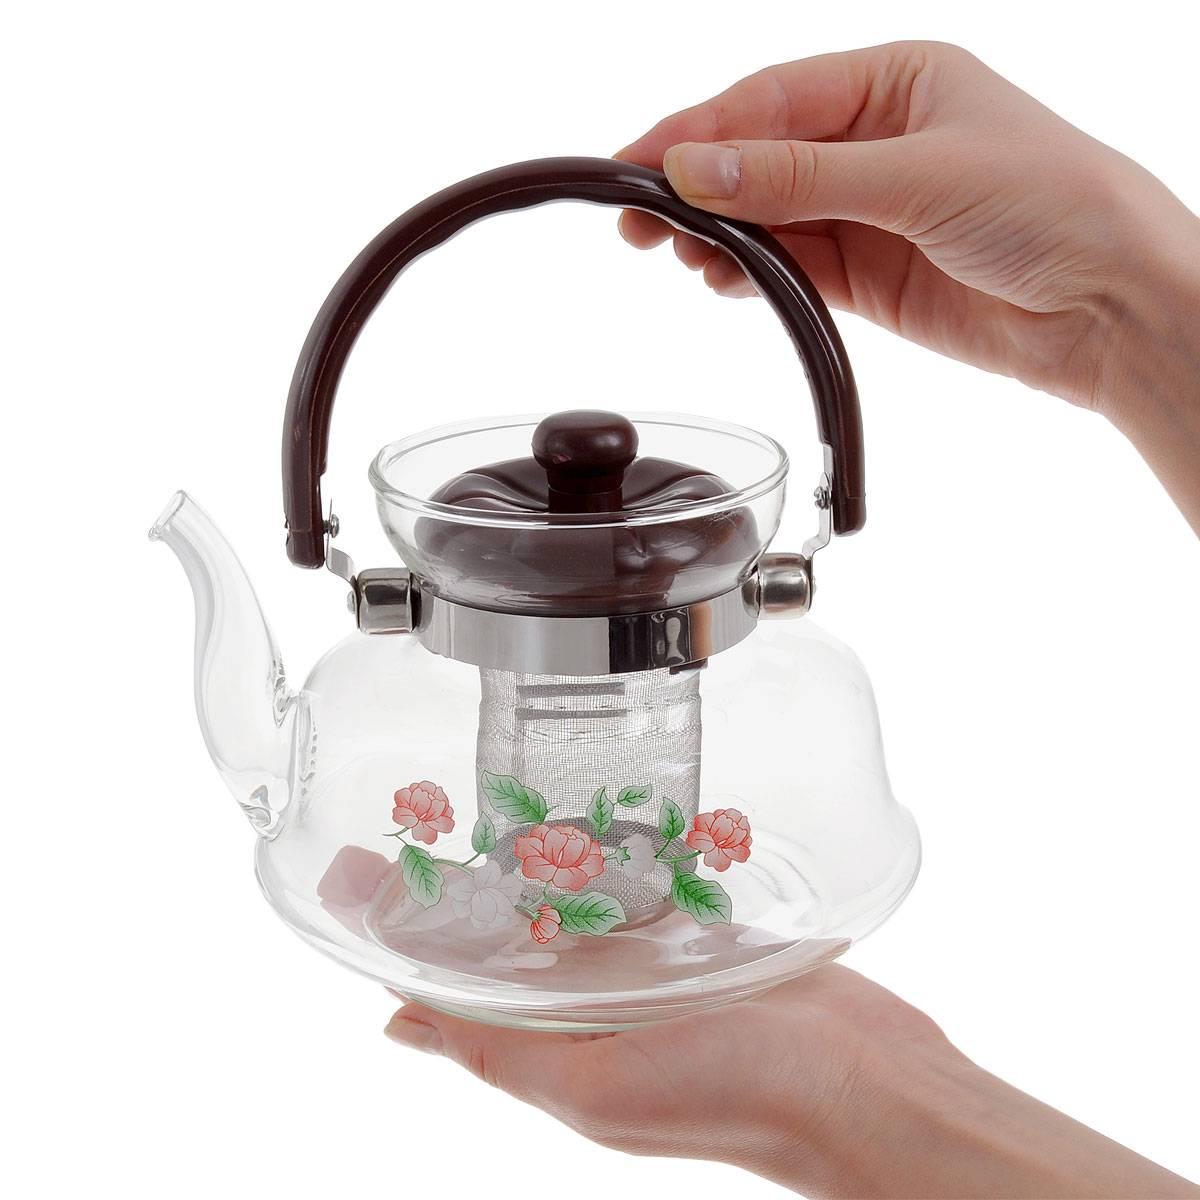 Какой фарфоровый заварочный чайник выбрать для дома: виды и критерии качества